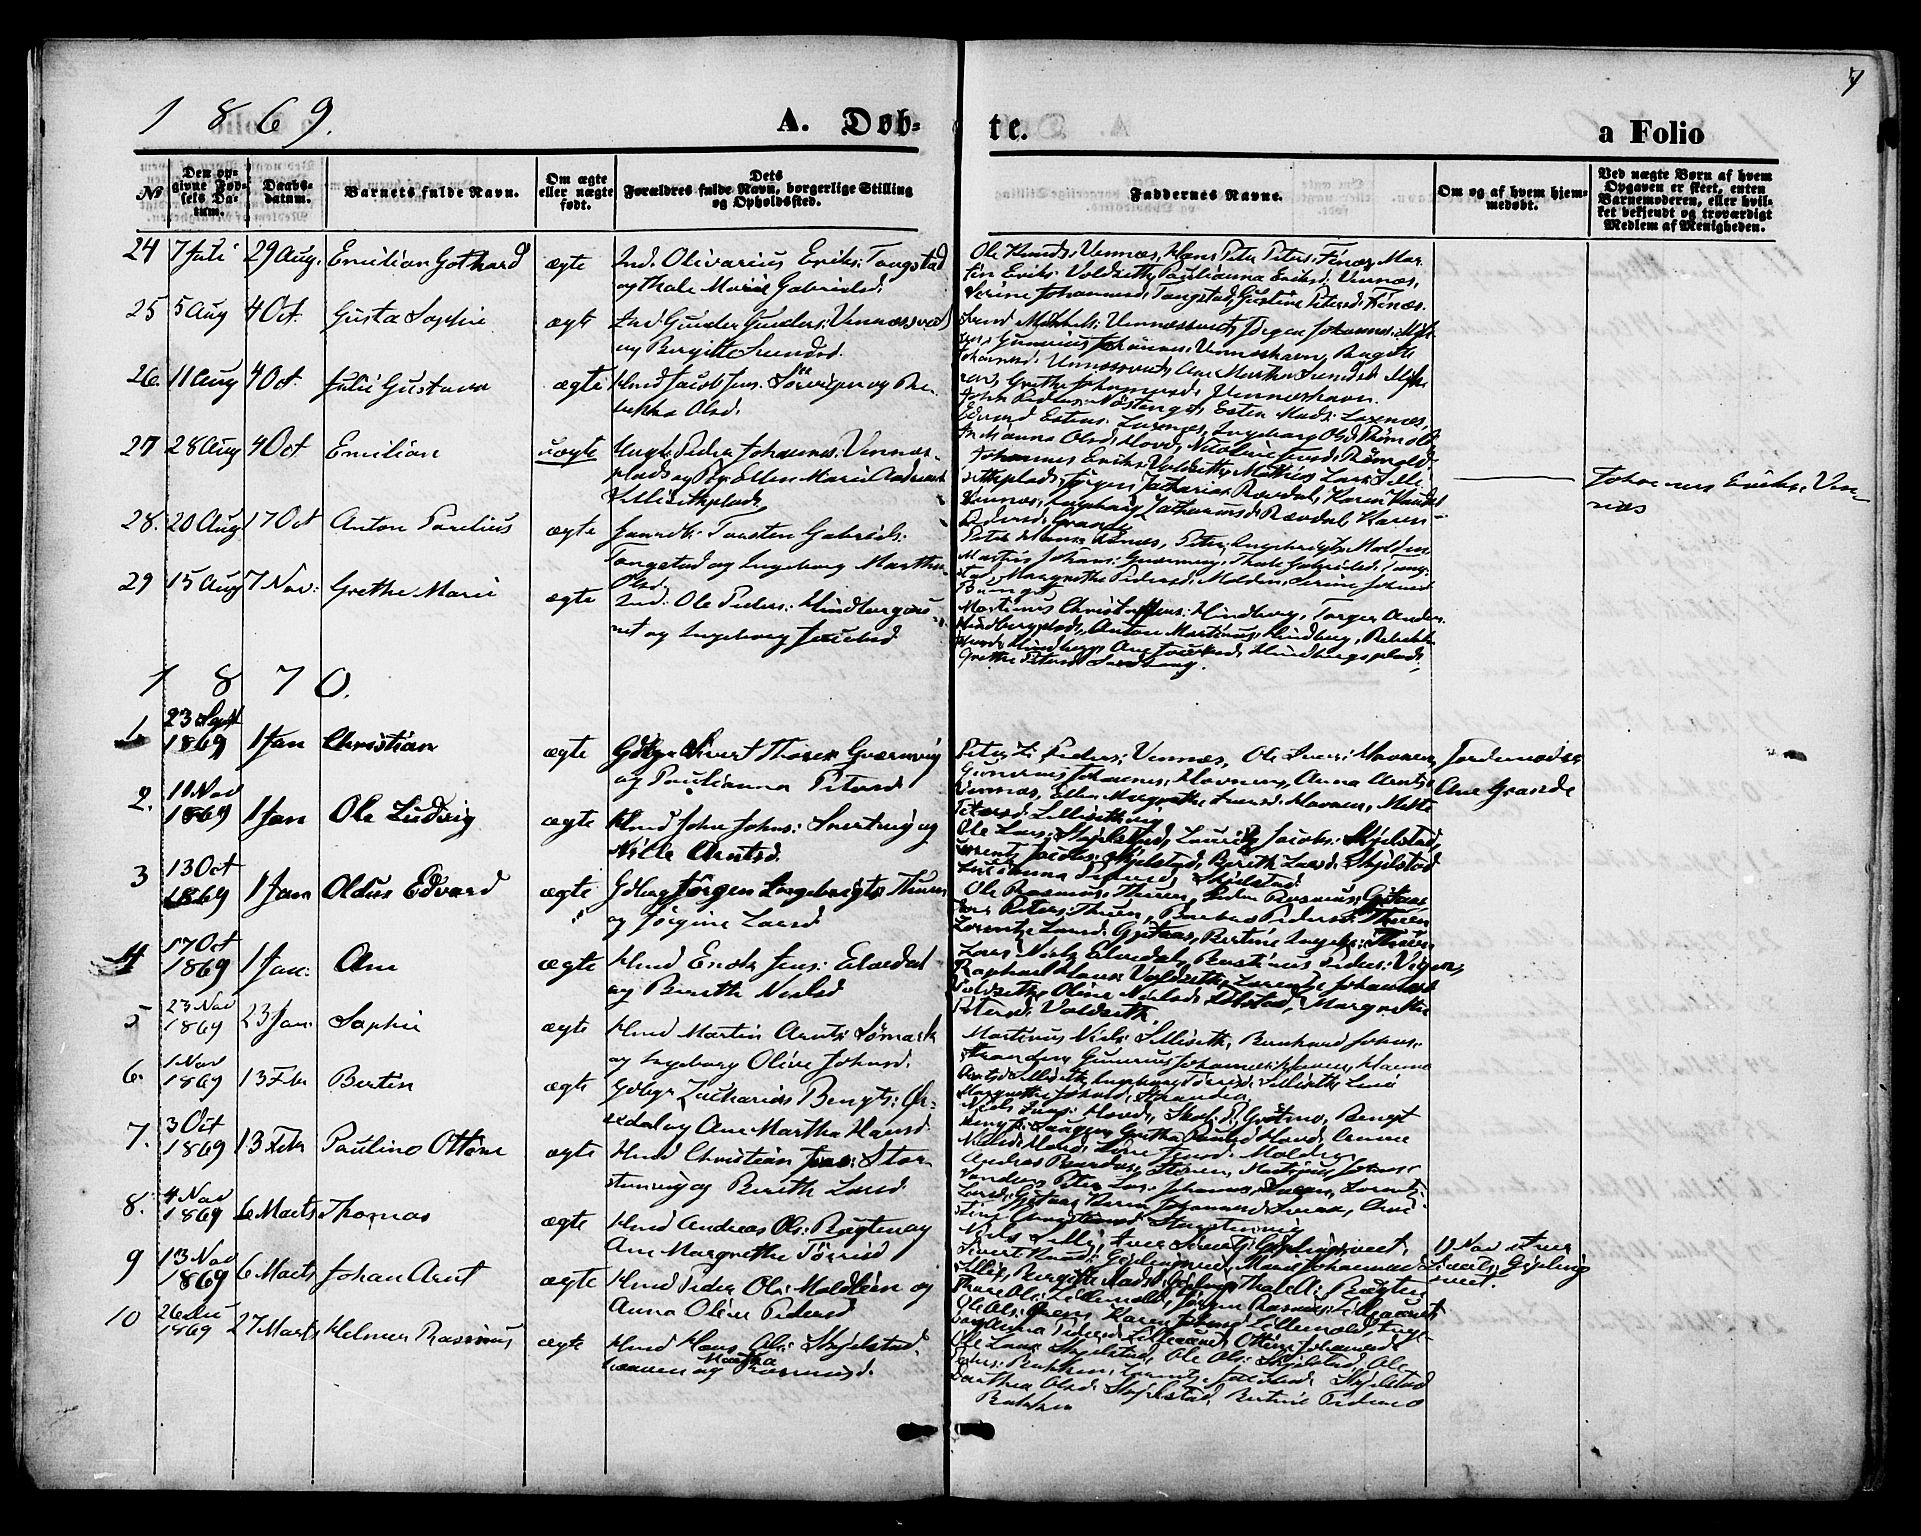 SAT, Ministerialprotokoller, klokkerbøker og fødselsregistre - Nord-Trøndelag, 744/L0419: Ministerialbok nr. 744A03, 1867-1881, s. 7